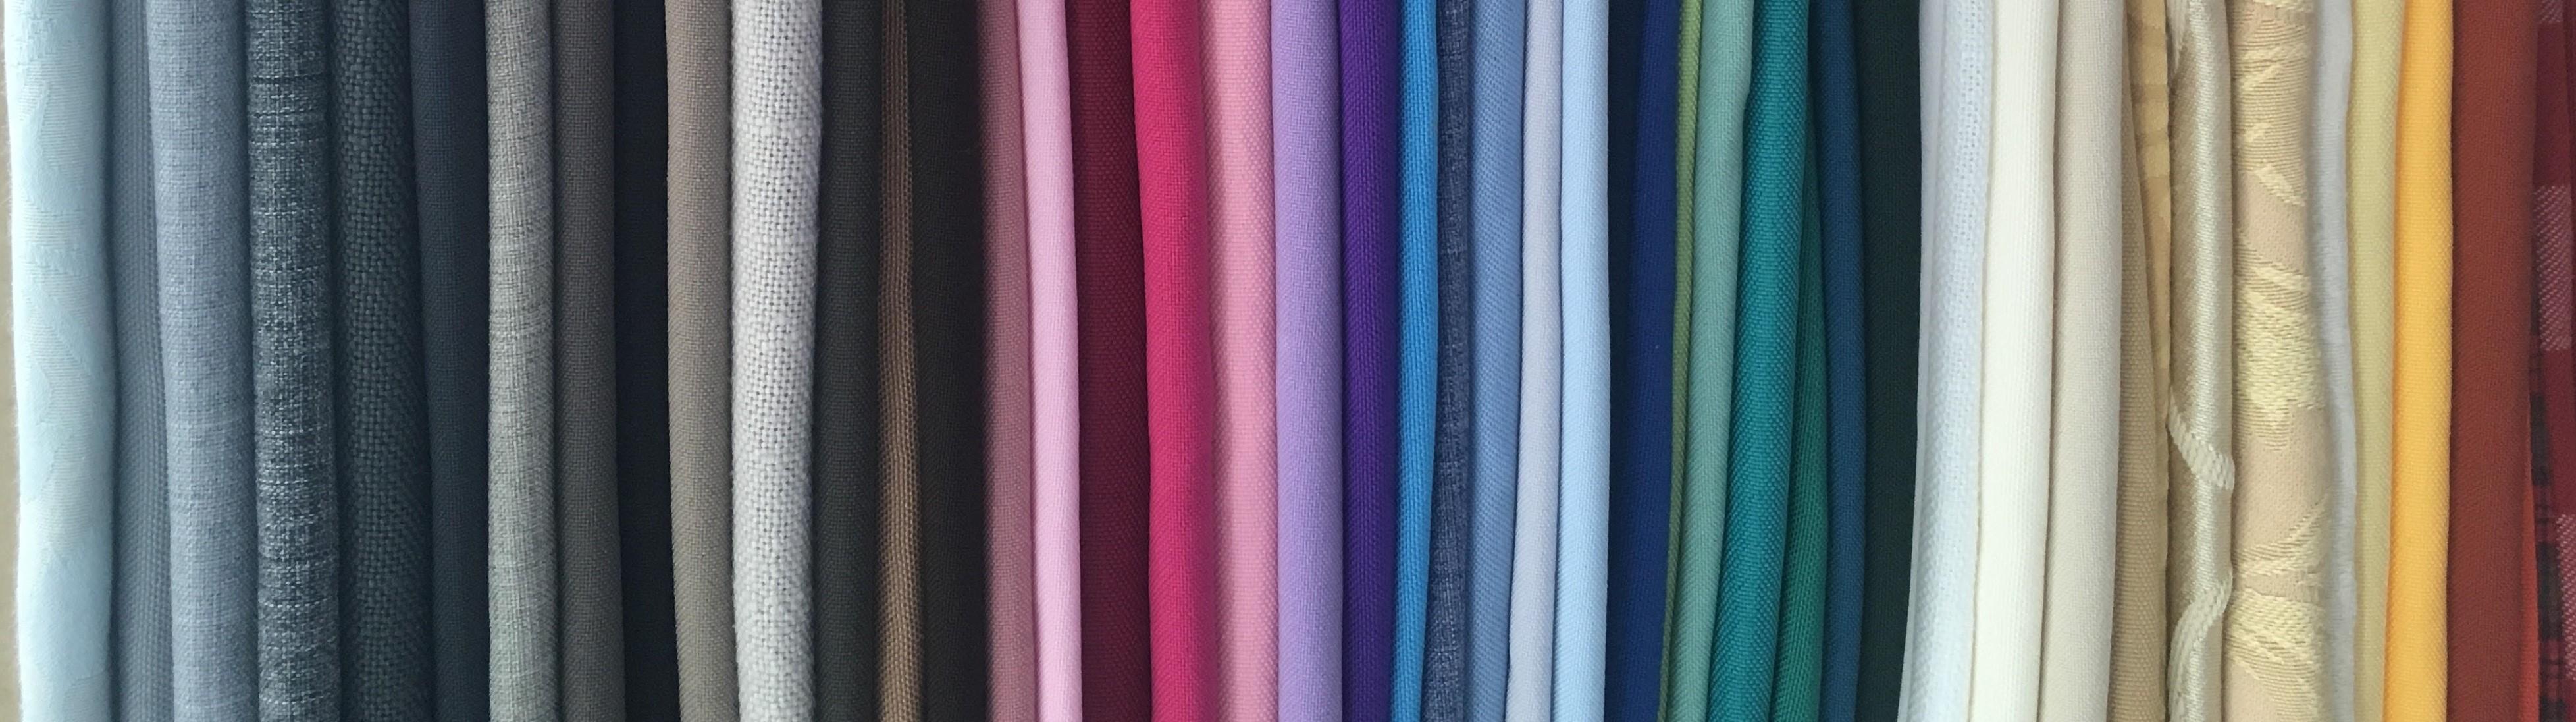 Colour-Table-Cloths-Hire-Perth.jpg